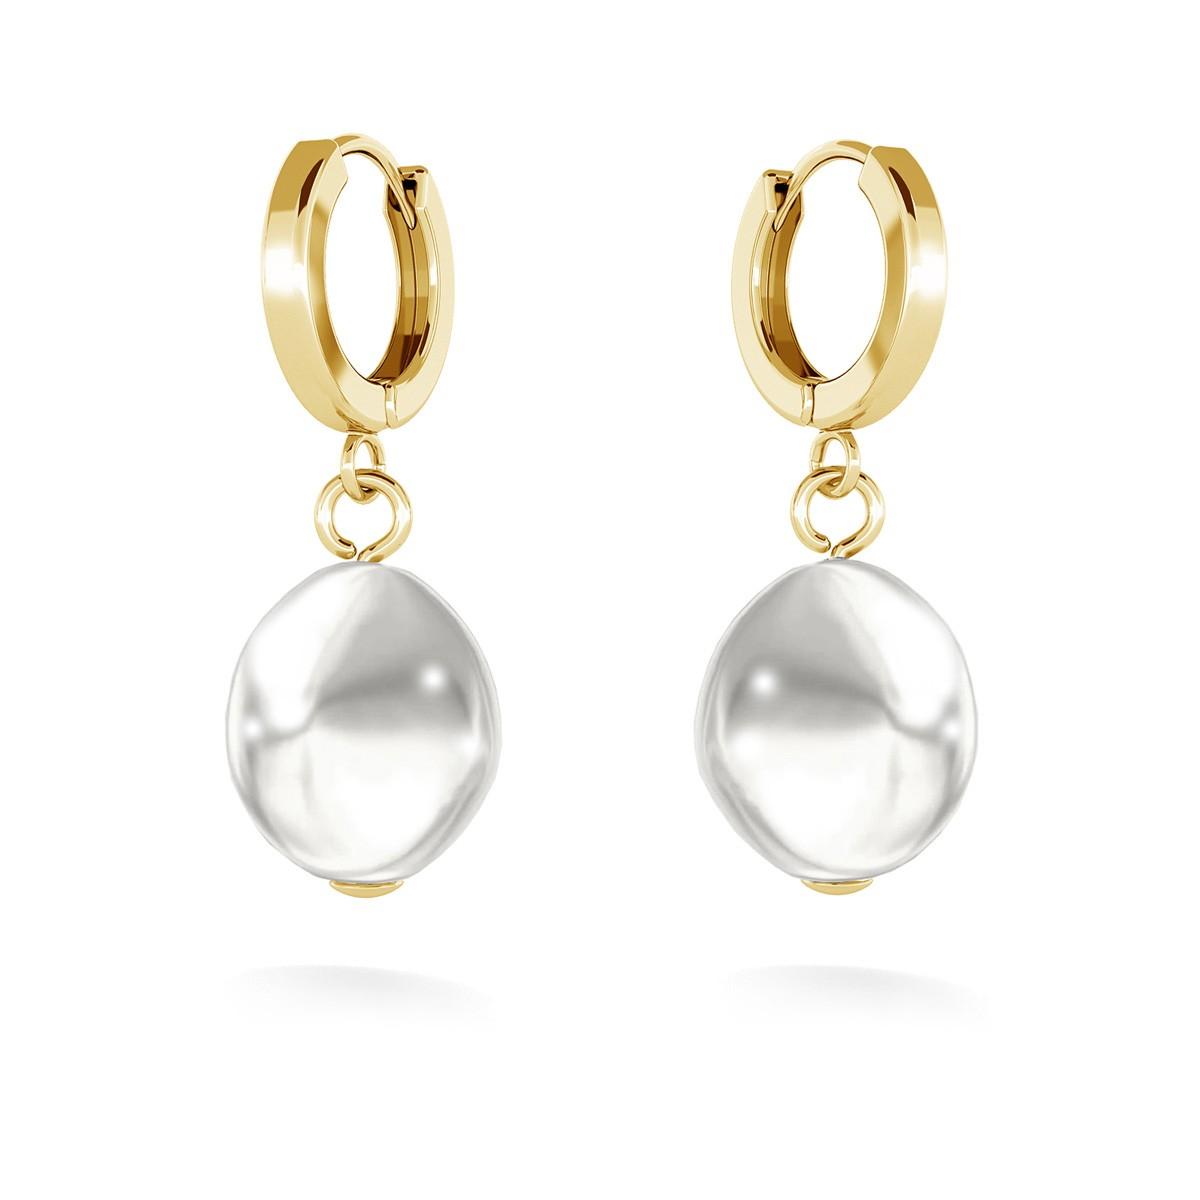 Boucles d'oreilles avec perles, MON DÉFI argent 925